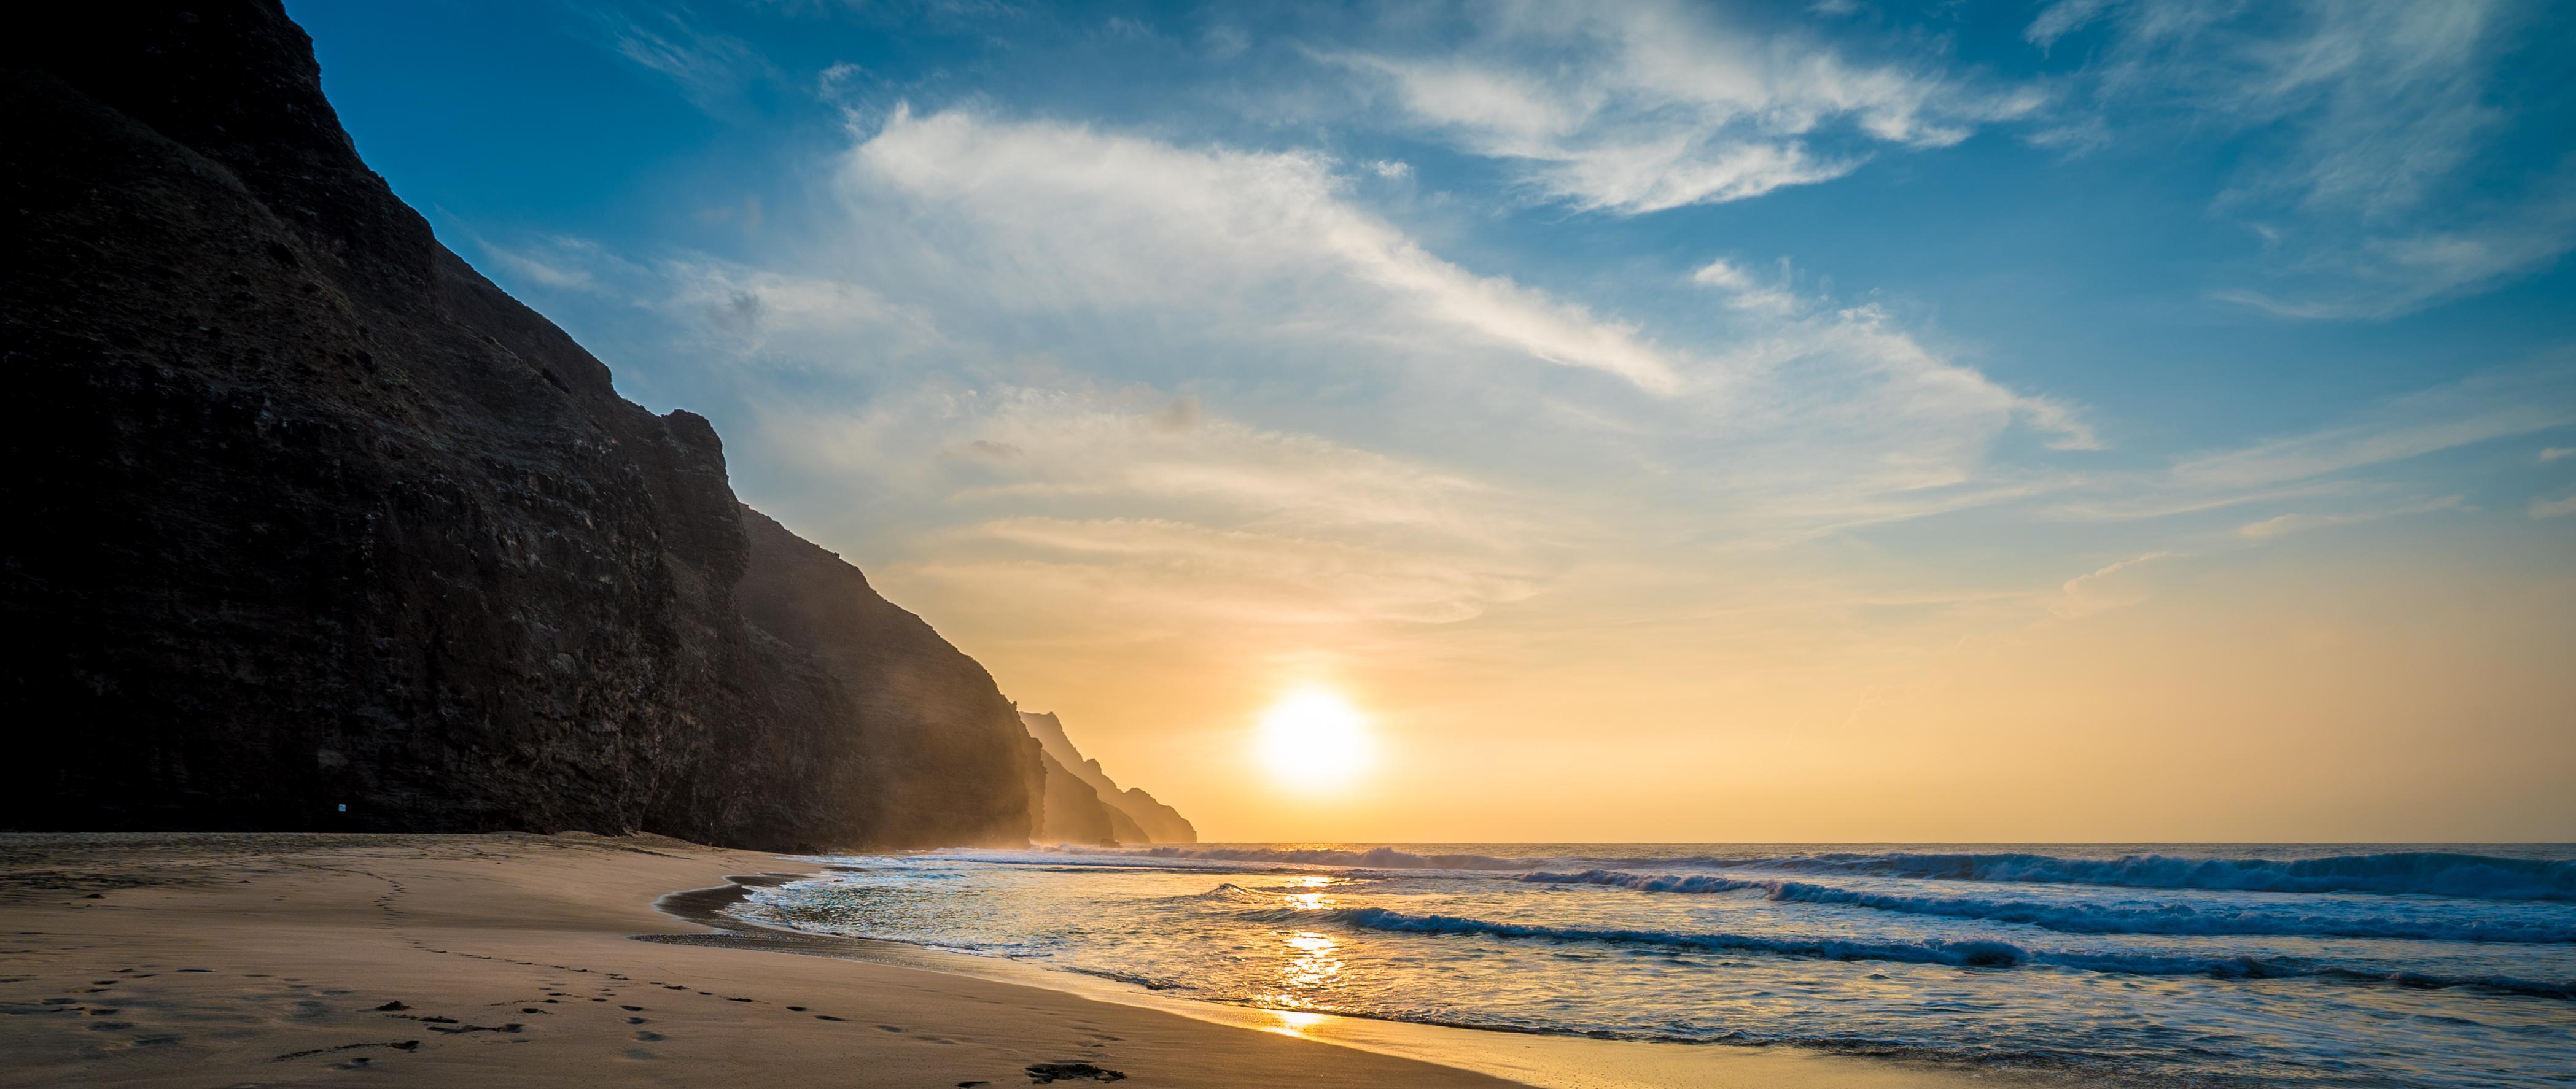 Sunset - Kalalau Beach Trail, Kauai